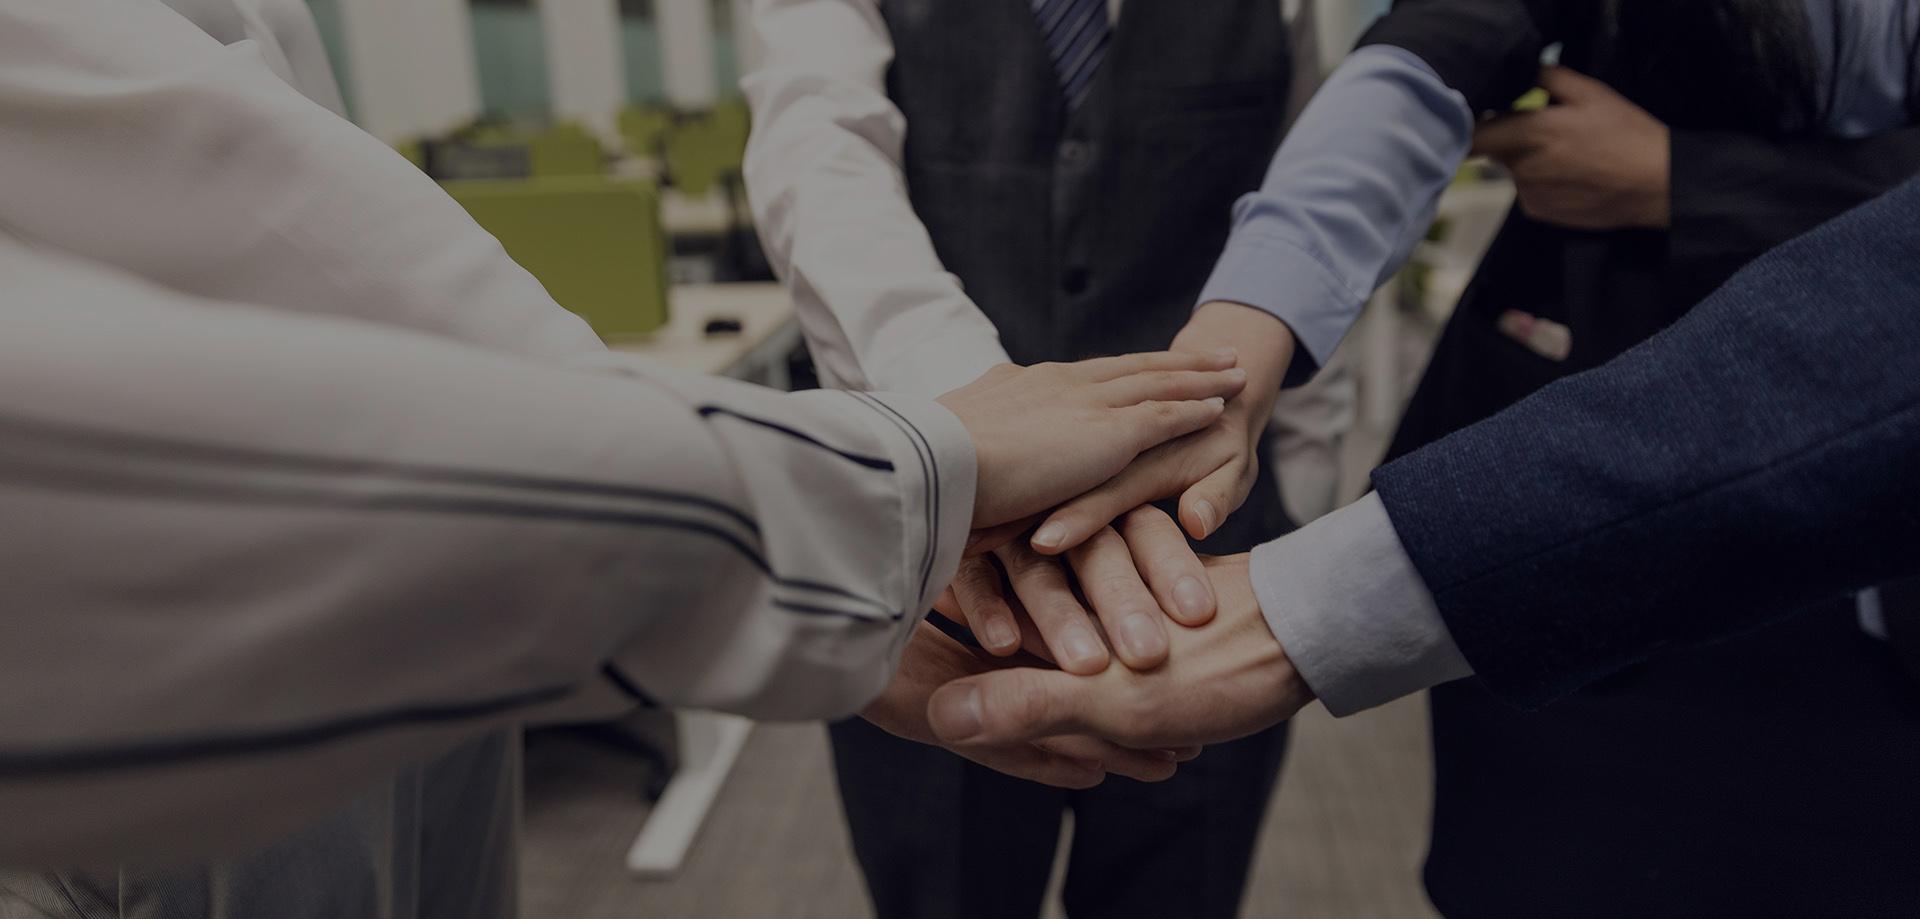 人力资源服务为主导,解决企业后顾之忧